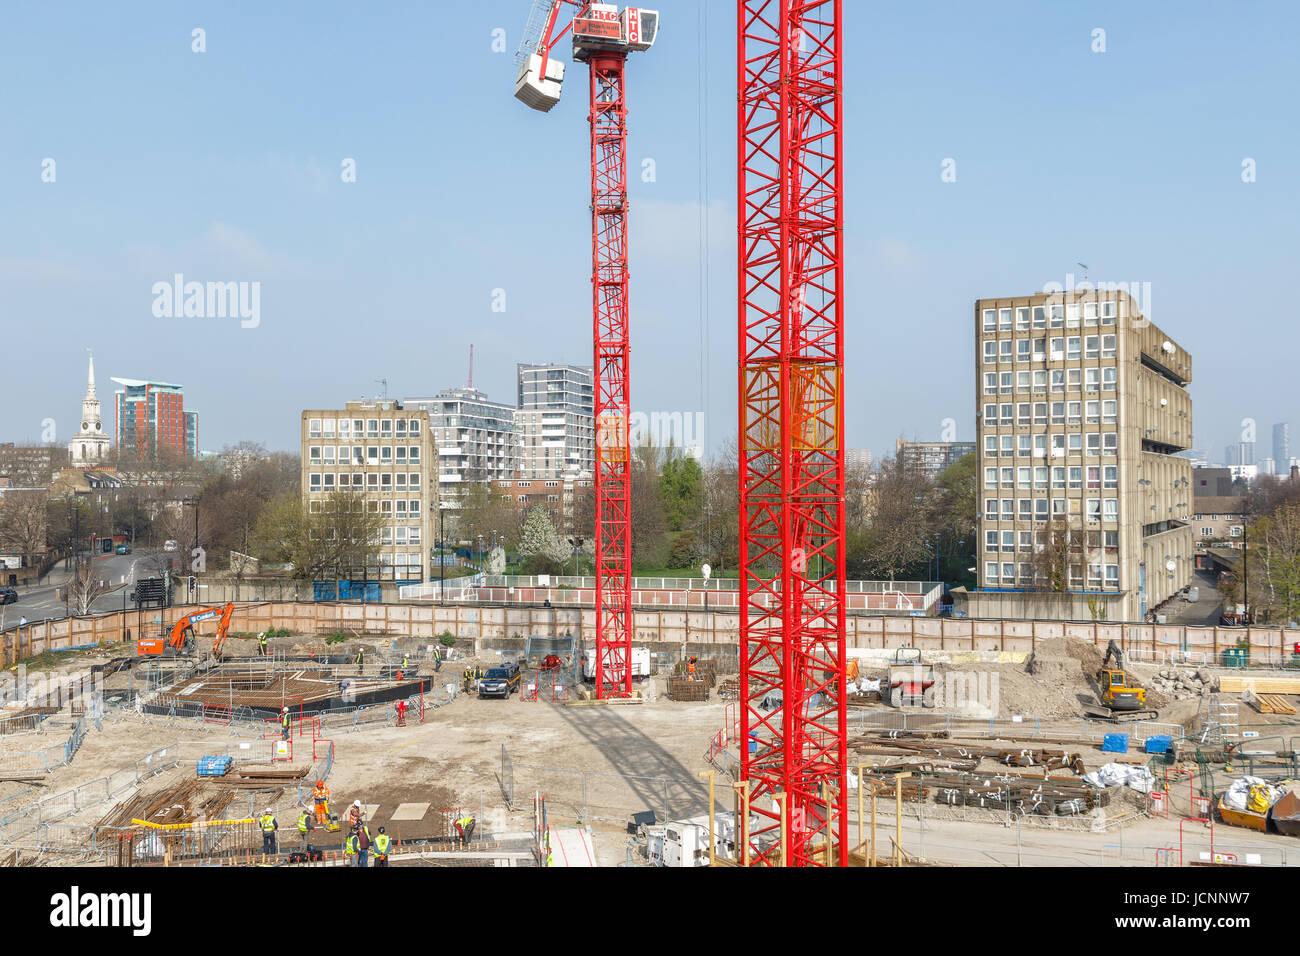 Londres, Royaume-Uni - 27 mars 2017: construction site de Blackwall Reach, un nouveau développement immobilier dans la région de East London Banque D'Images